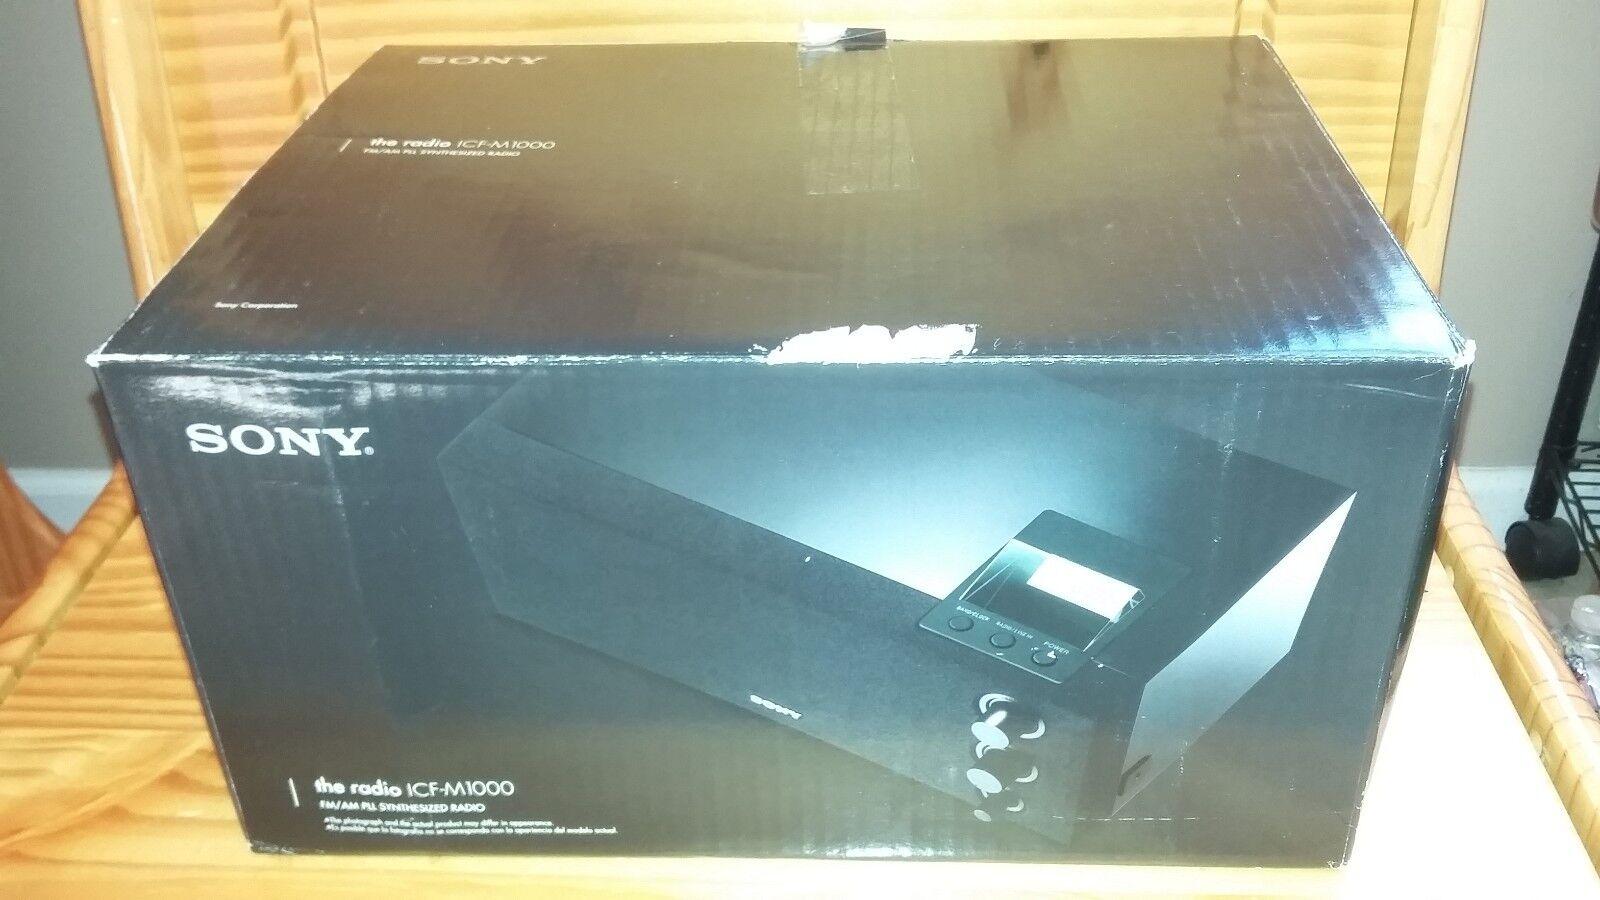 Sony ICF-M1000 FM/AM PLL synthesized Digital Tuning w/ LCD Clock Display Bass